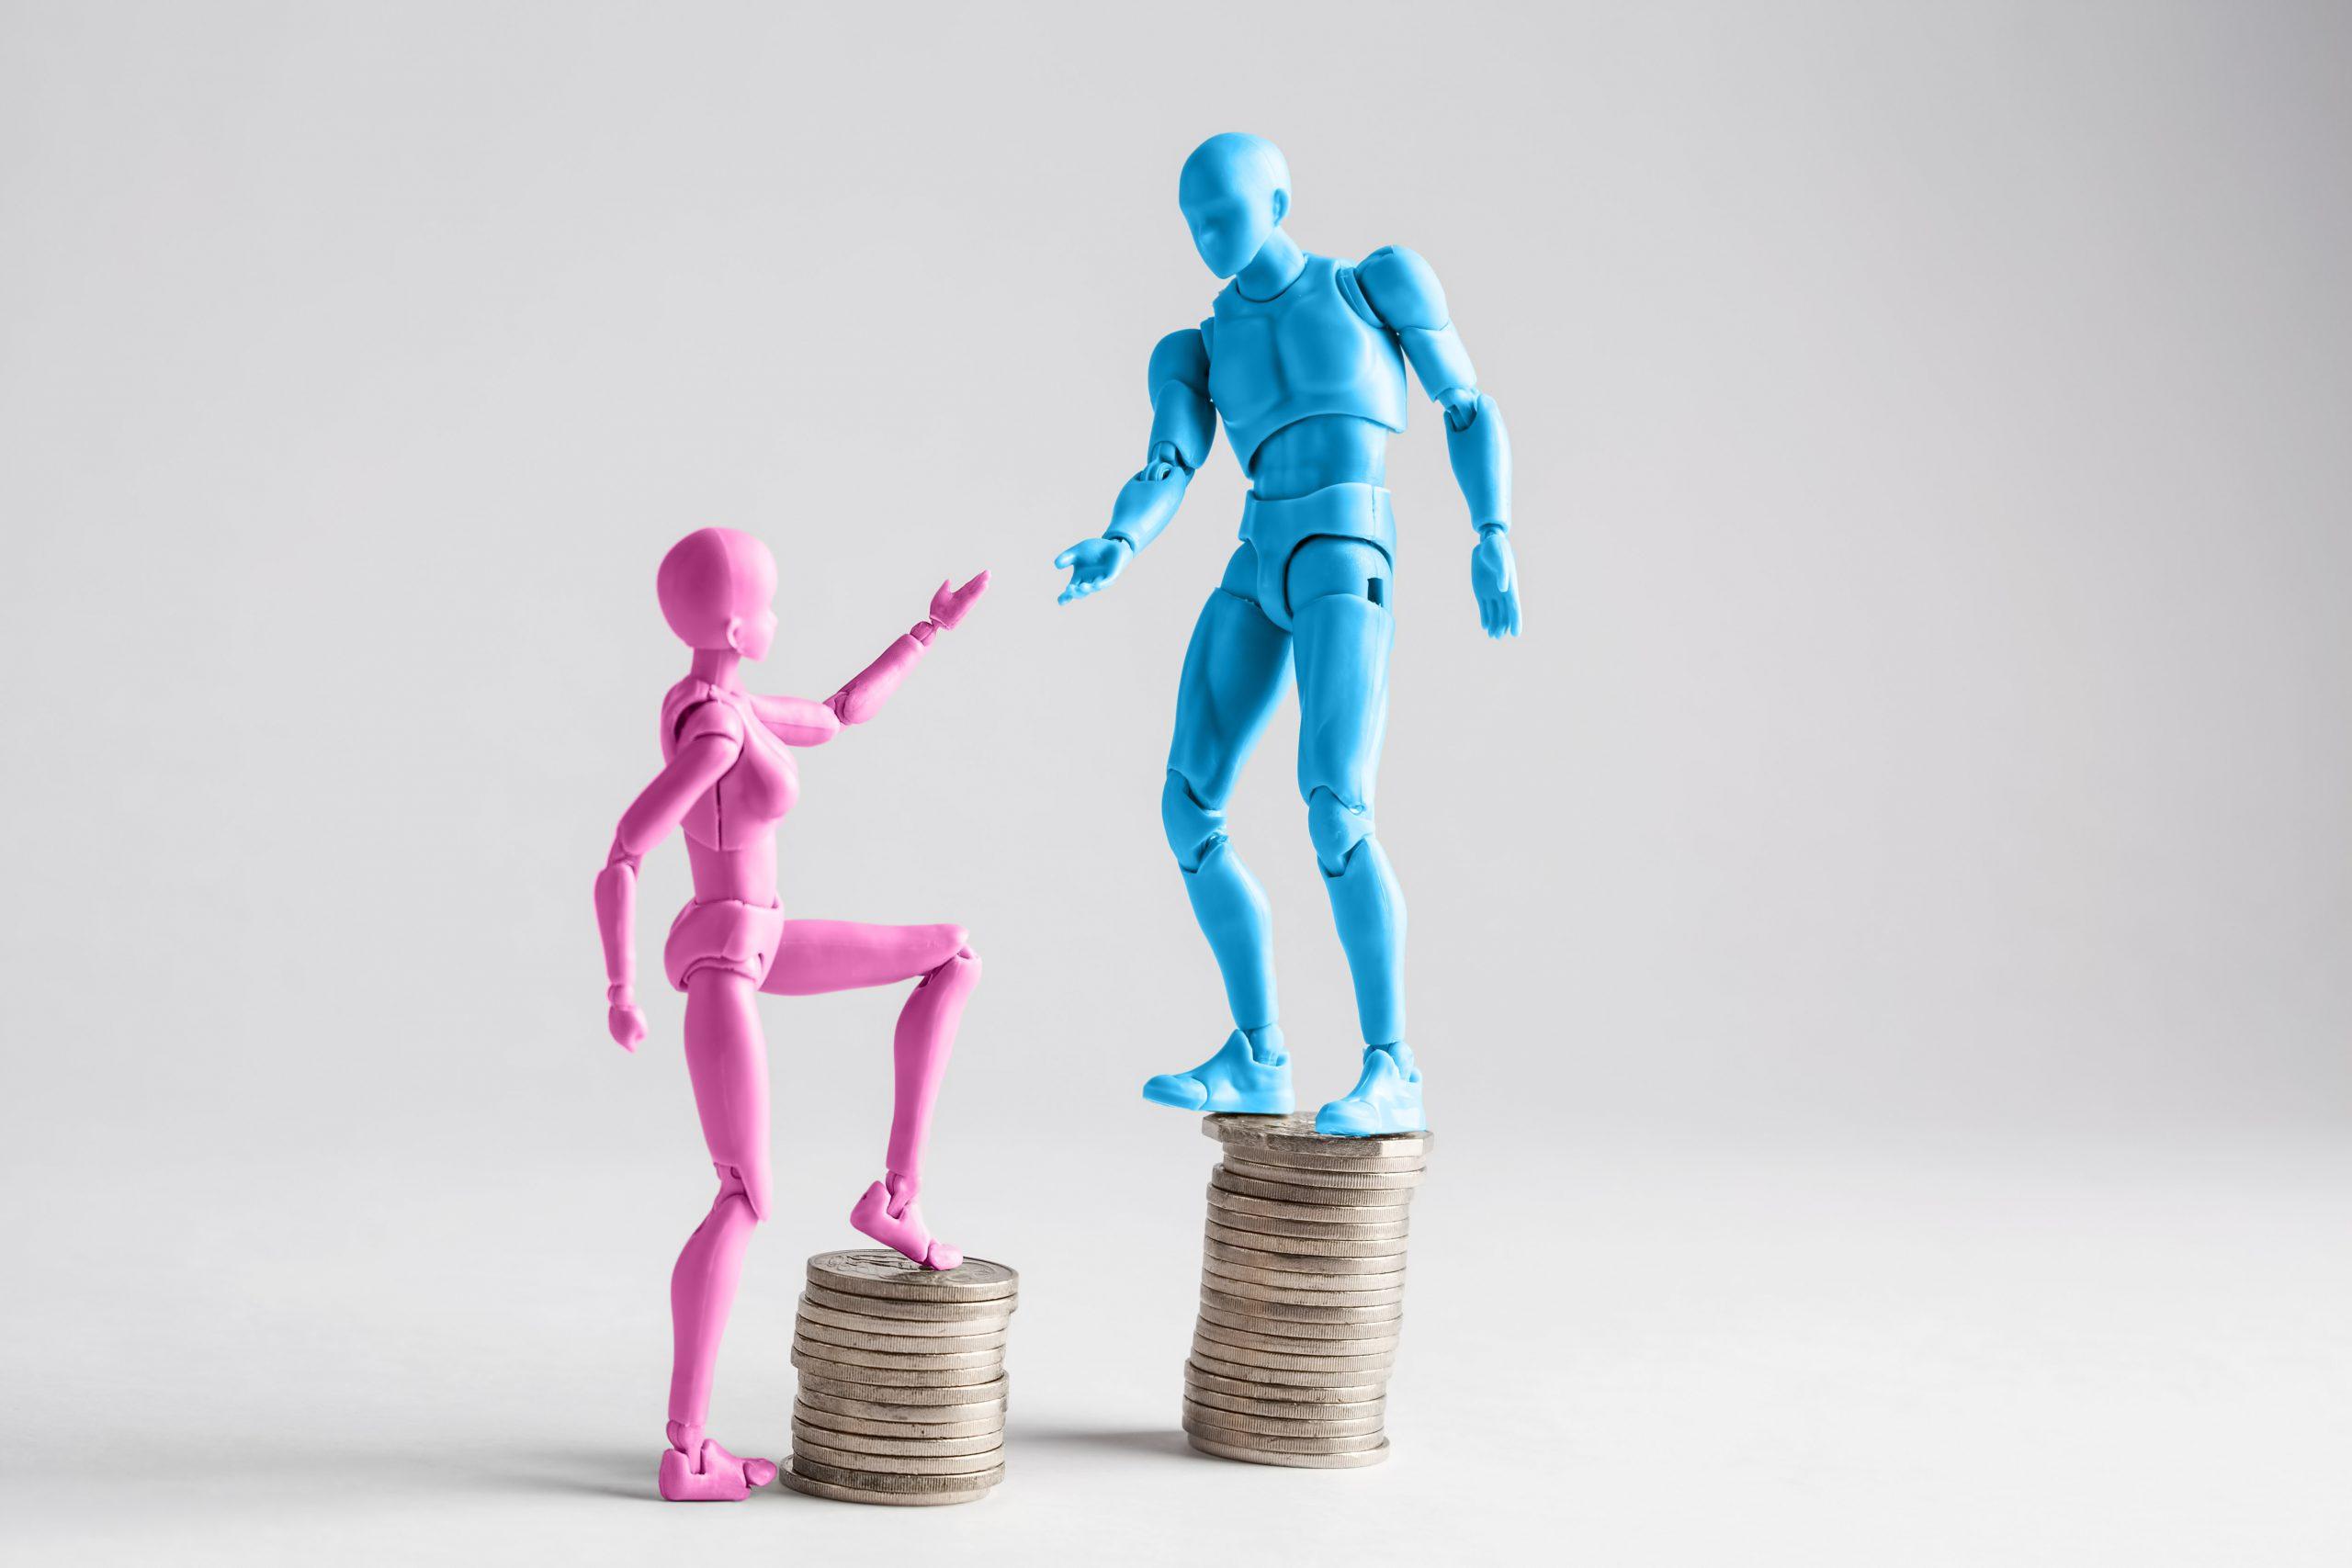 Il gender pay gap: è un tabù? Ne parlo io